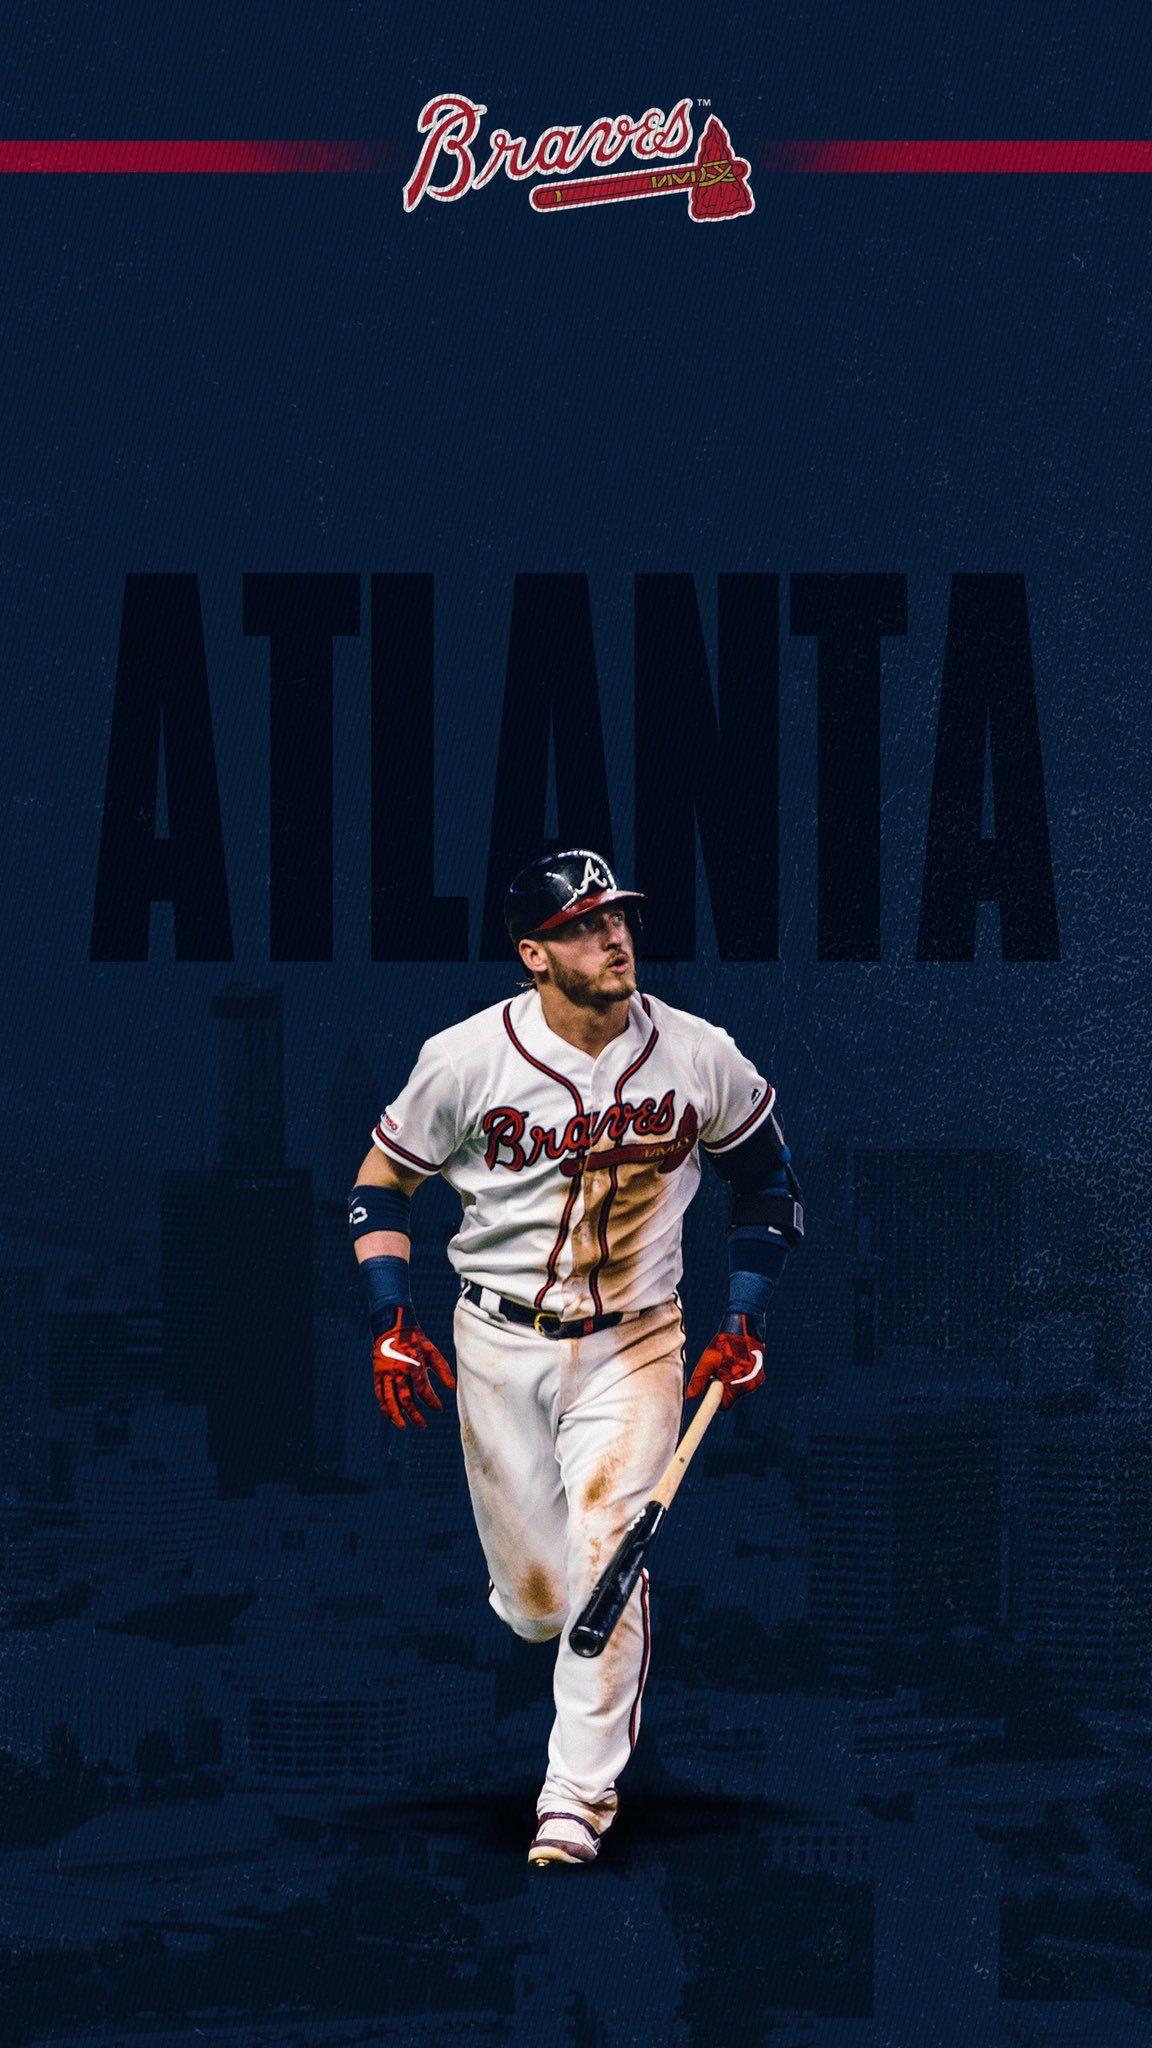 Atlanta Braves On Twitter Atlanta Braves Baseball Atlanta Braves Wallpaper Braves